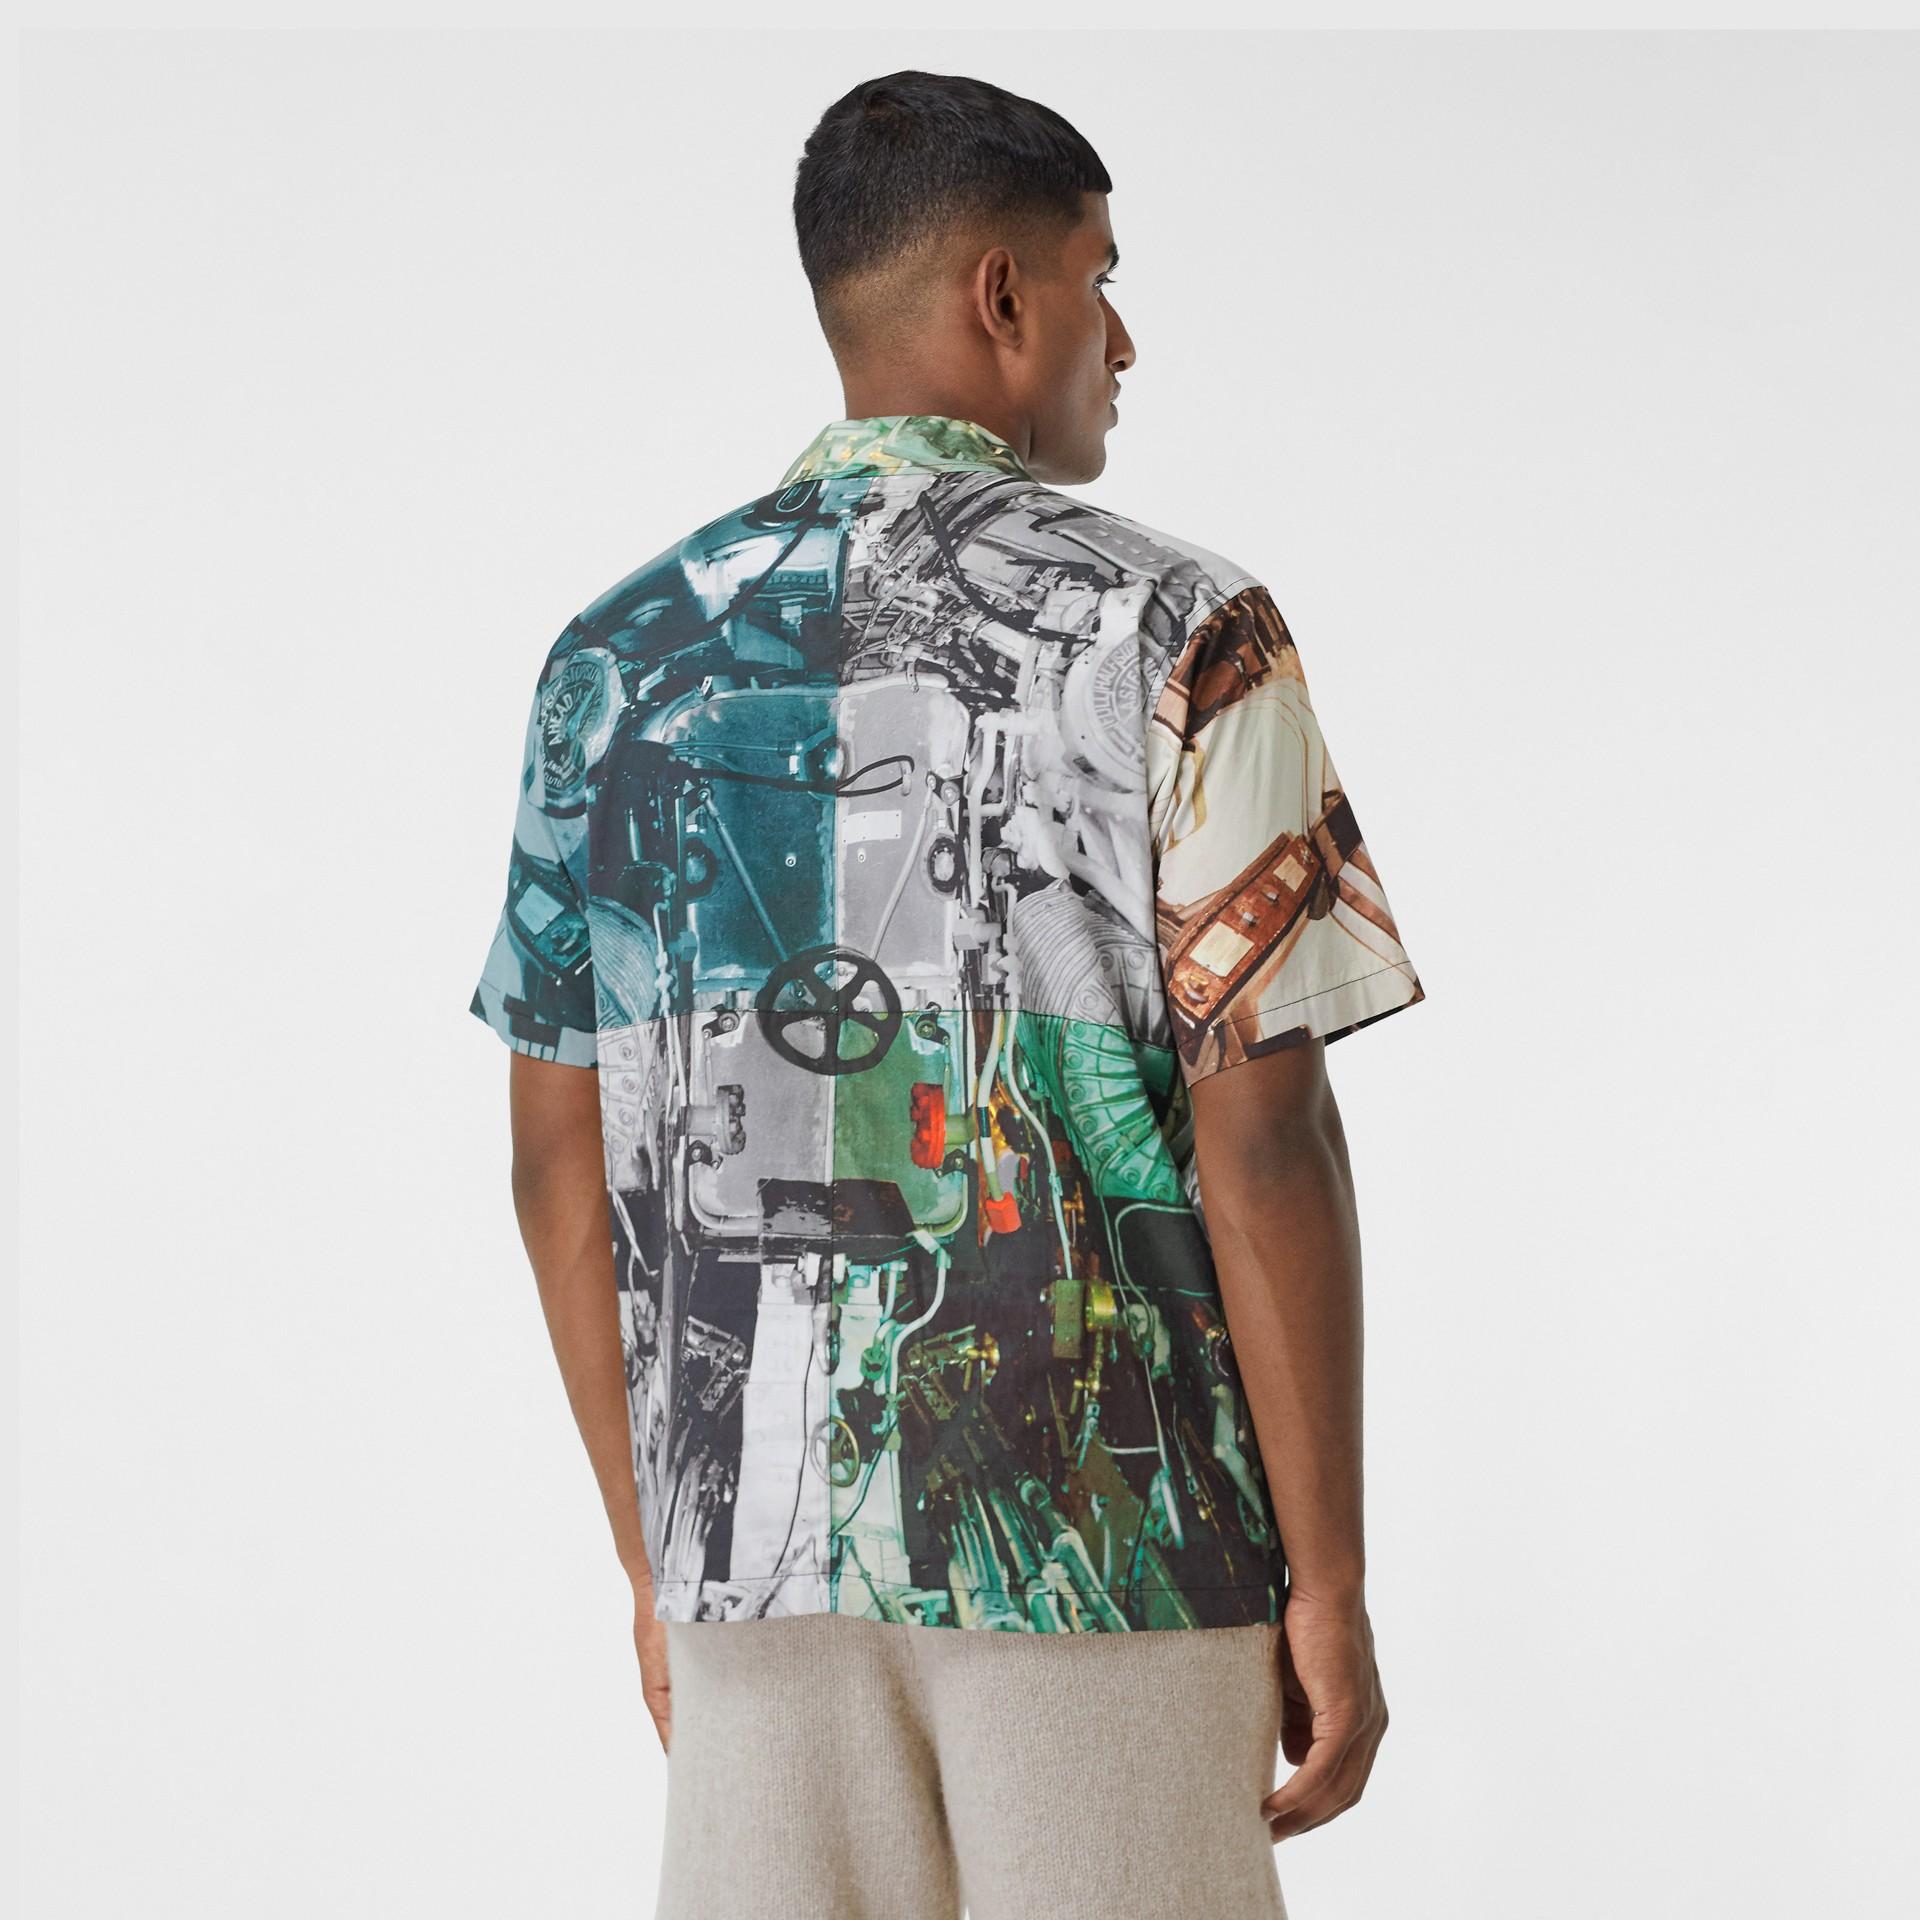 ショートスリーブ サブマリンプリント コットンシャツ (マルチカラー) - メンズ | バーバリー - ギャラリーイメージ 2